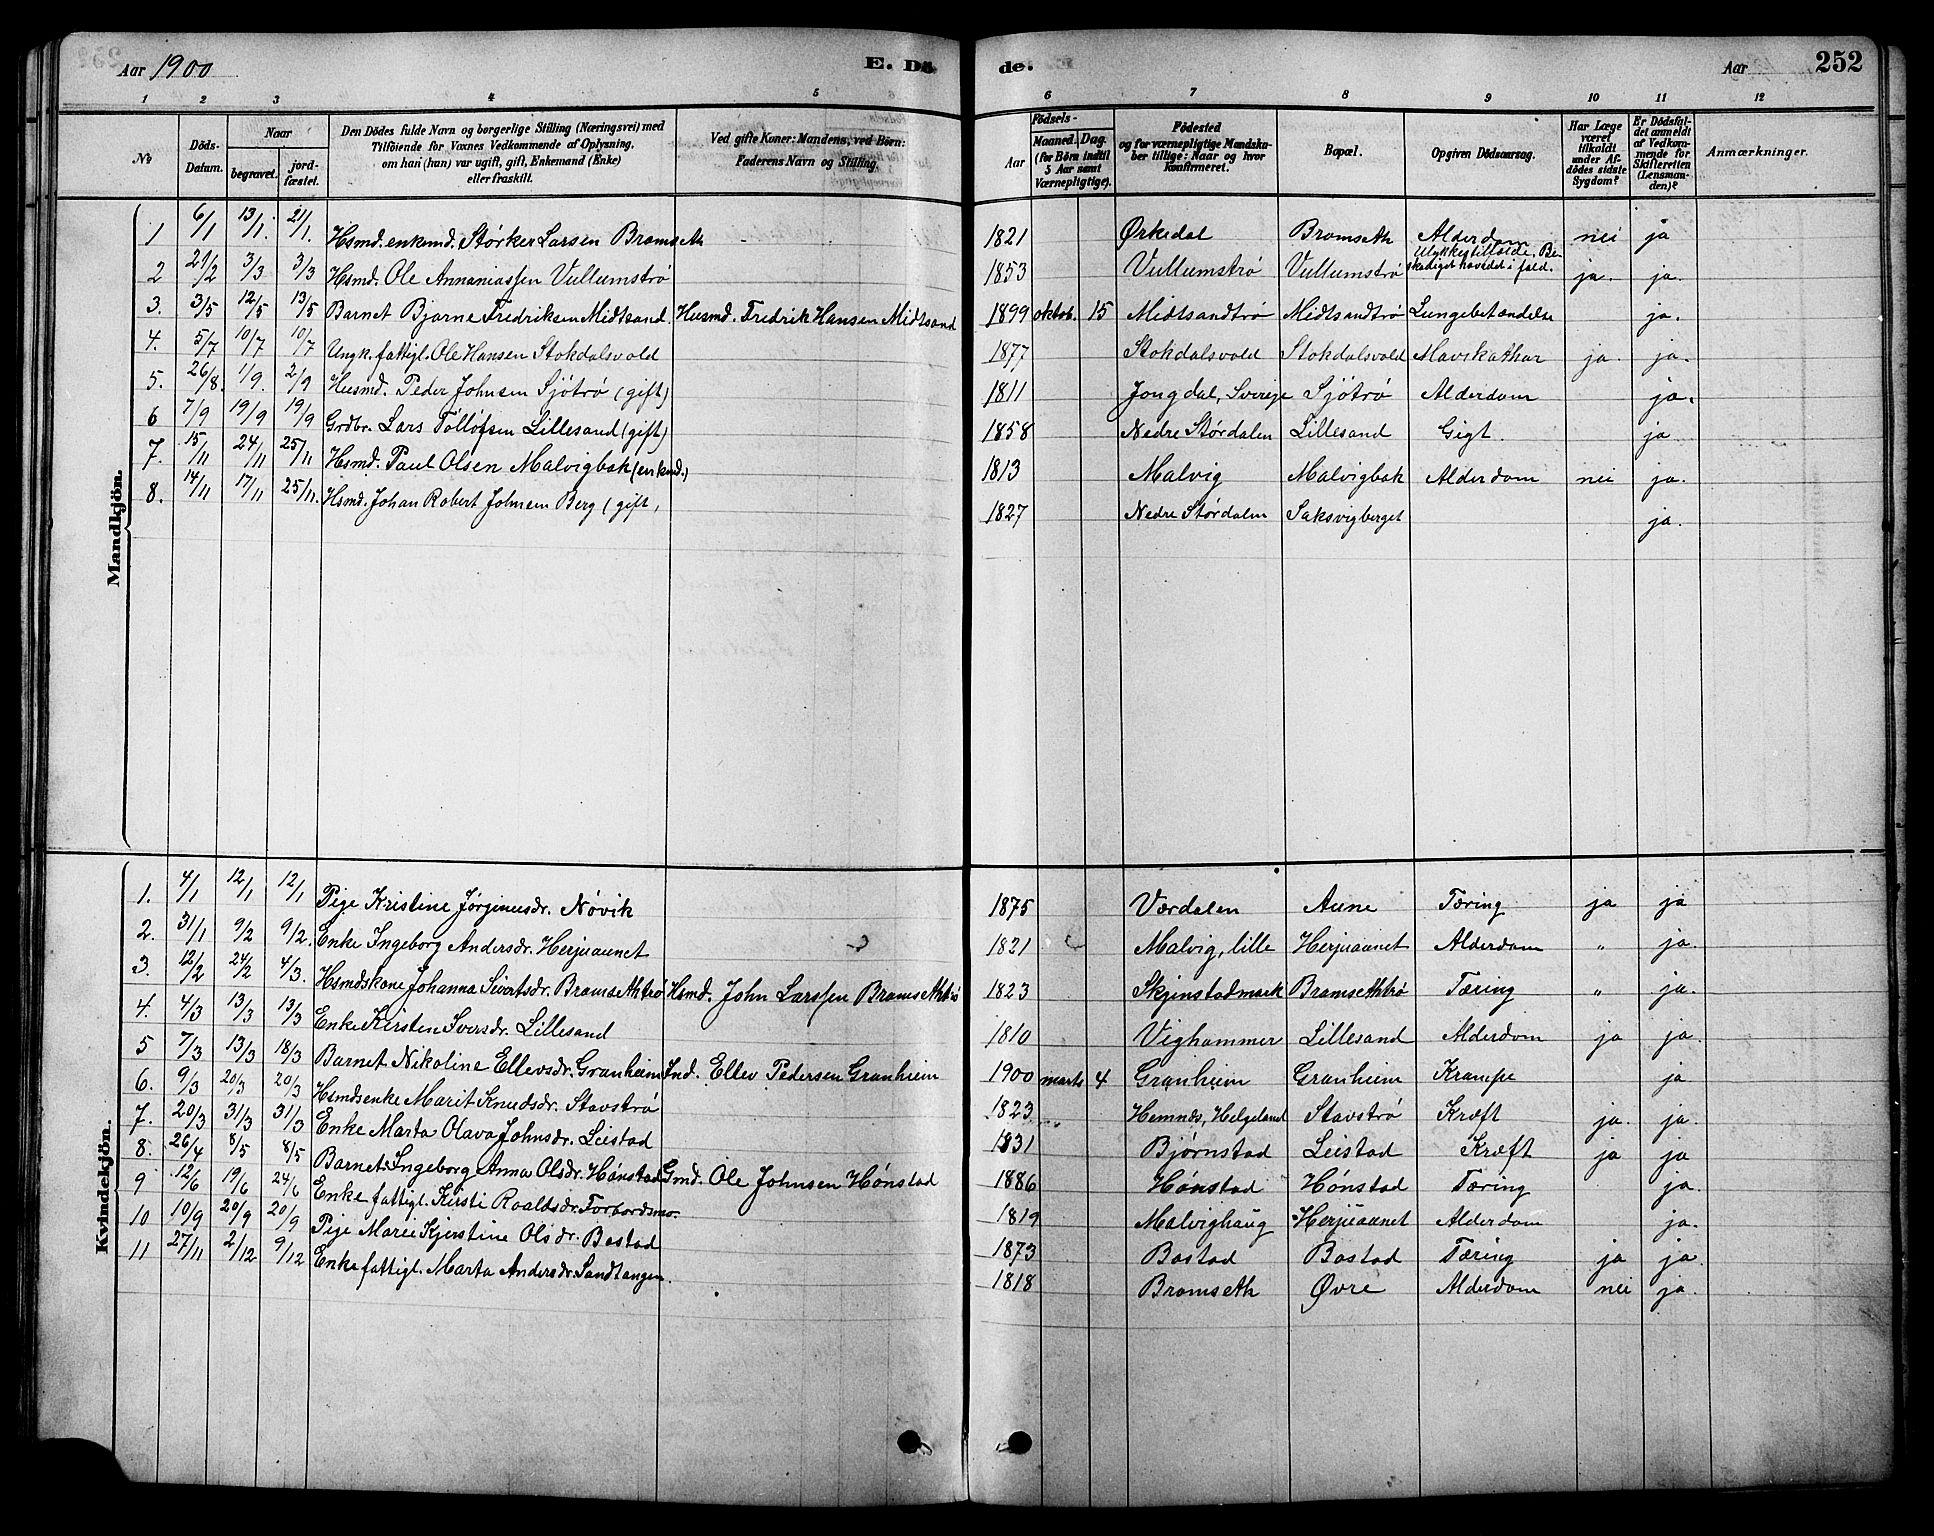 SAT, Ministerialprotokoller, klokkerbøker og fødselsregistre - Sør-Trøndelag, 616/L0423: Klokkerbok nr. 616C06, 1878-1903, s. 252